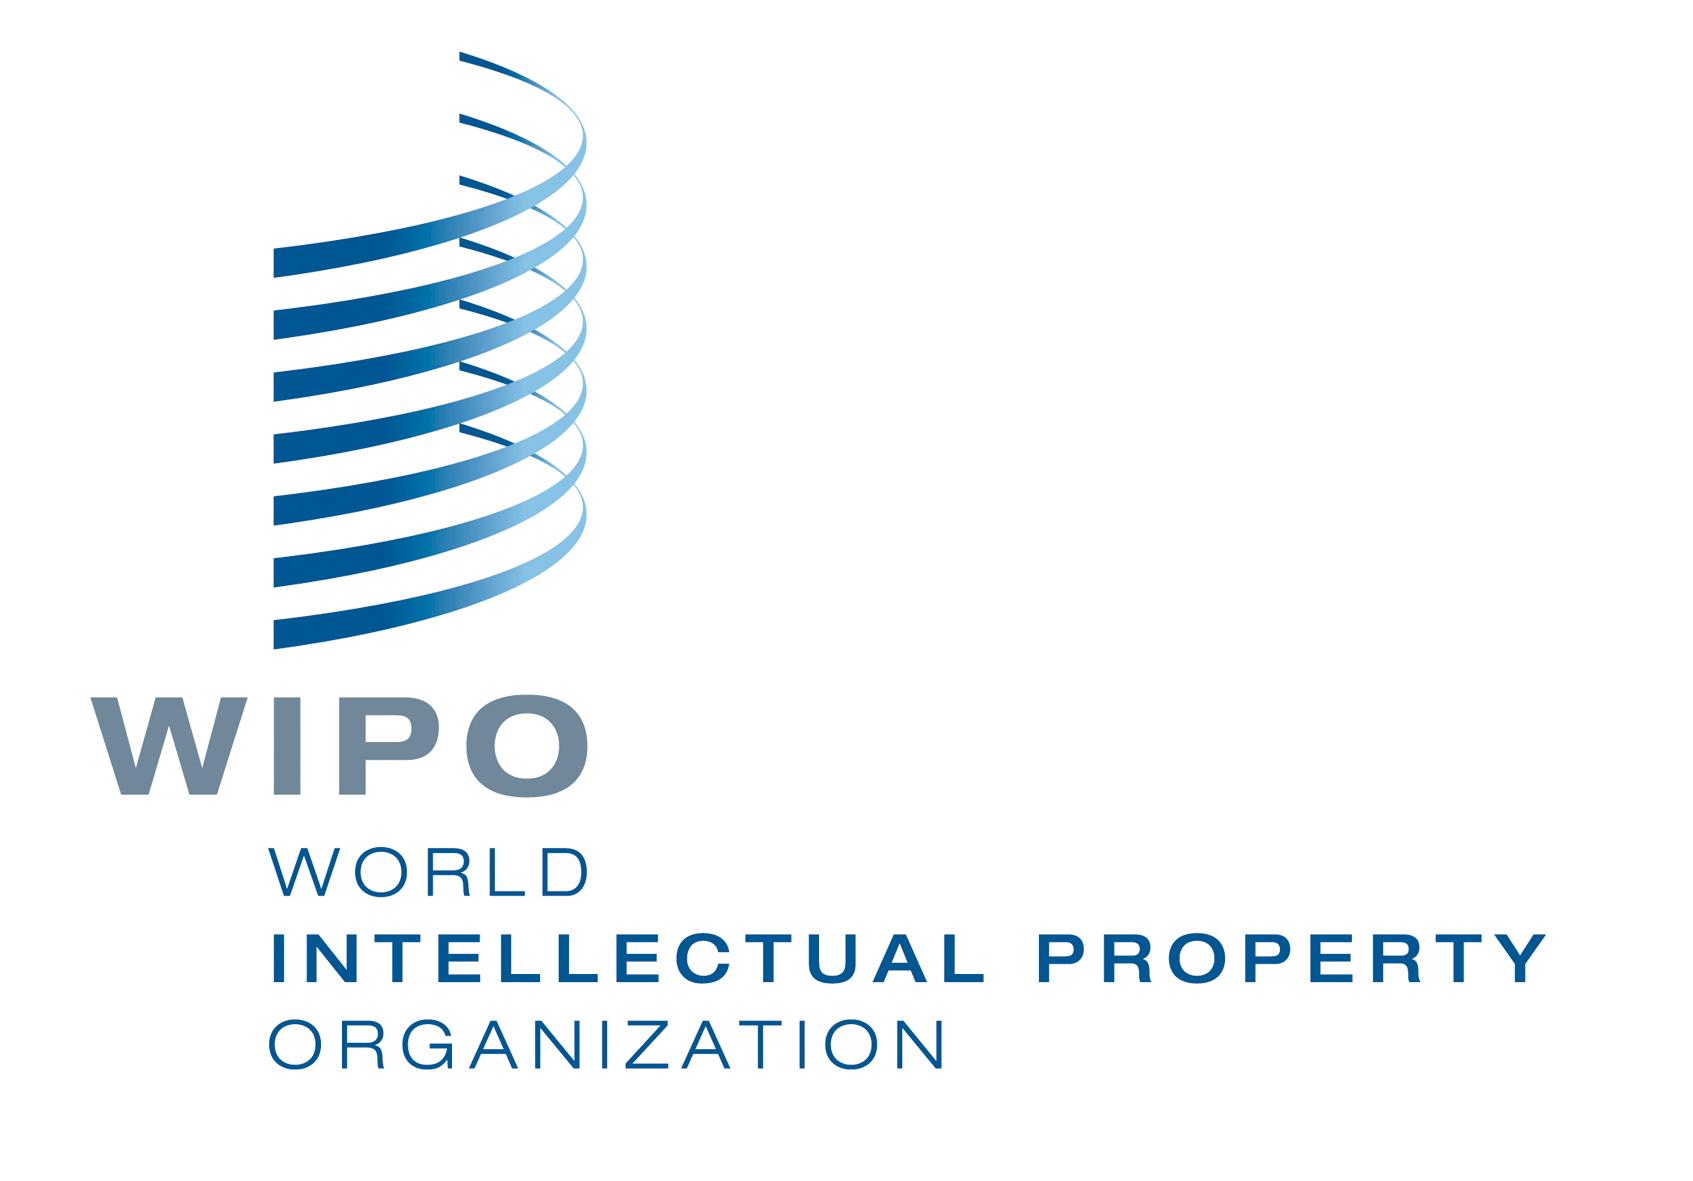 orld intellectual property organization - 946×796